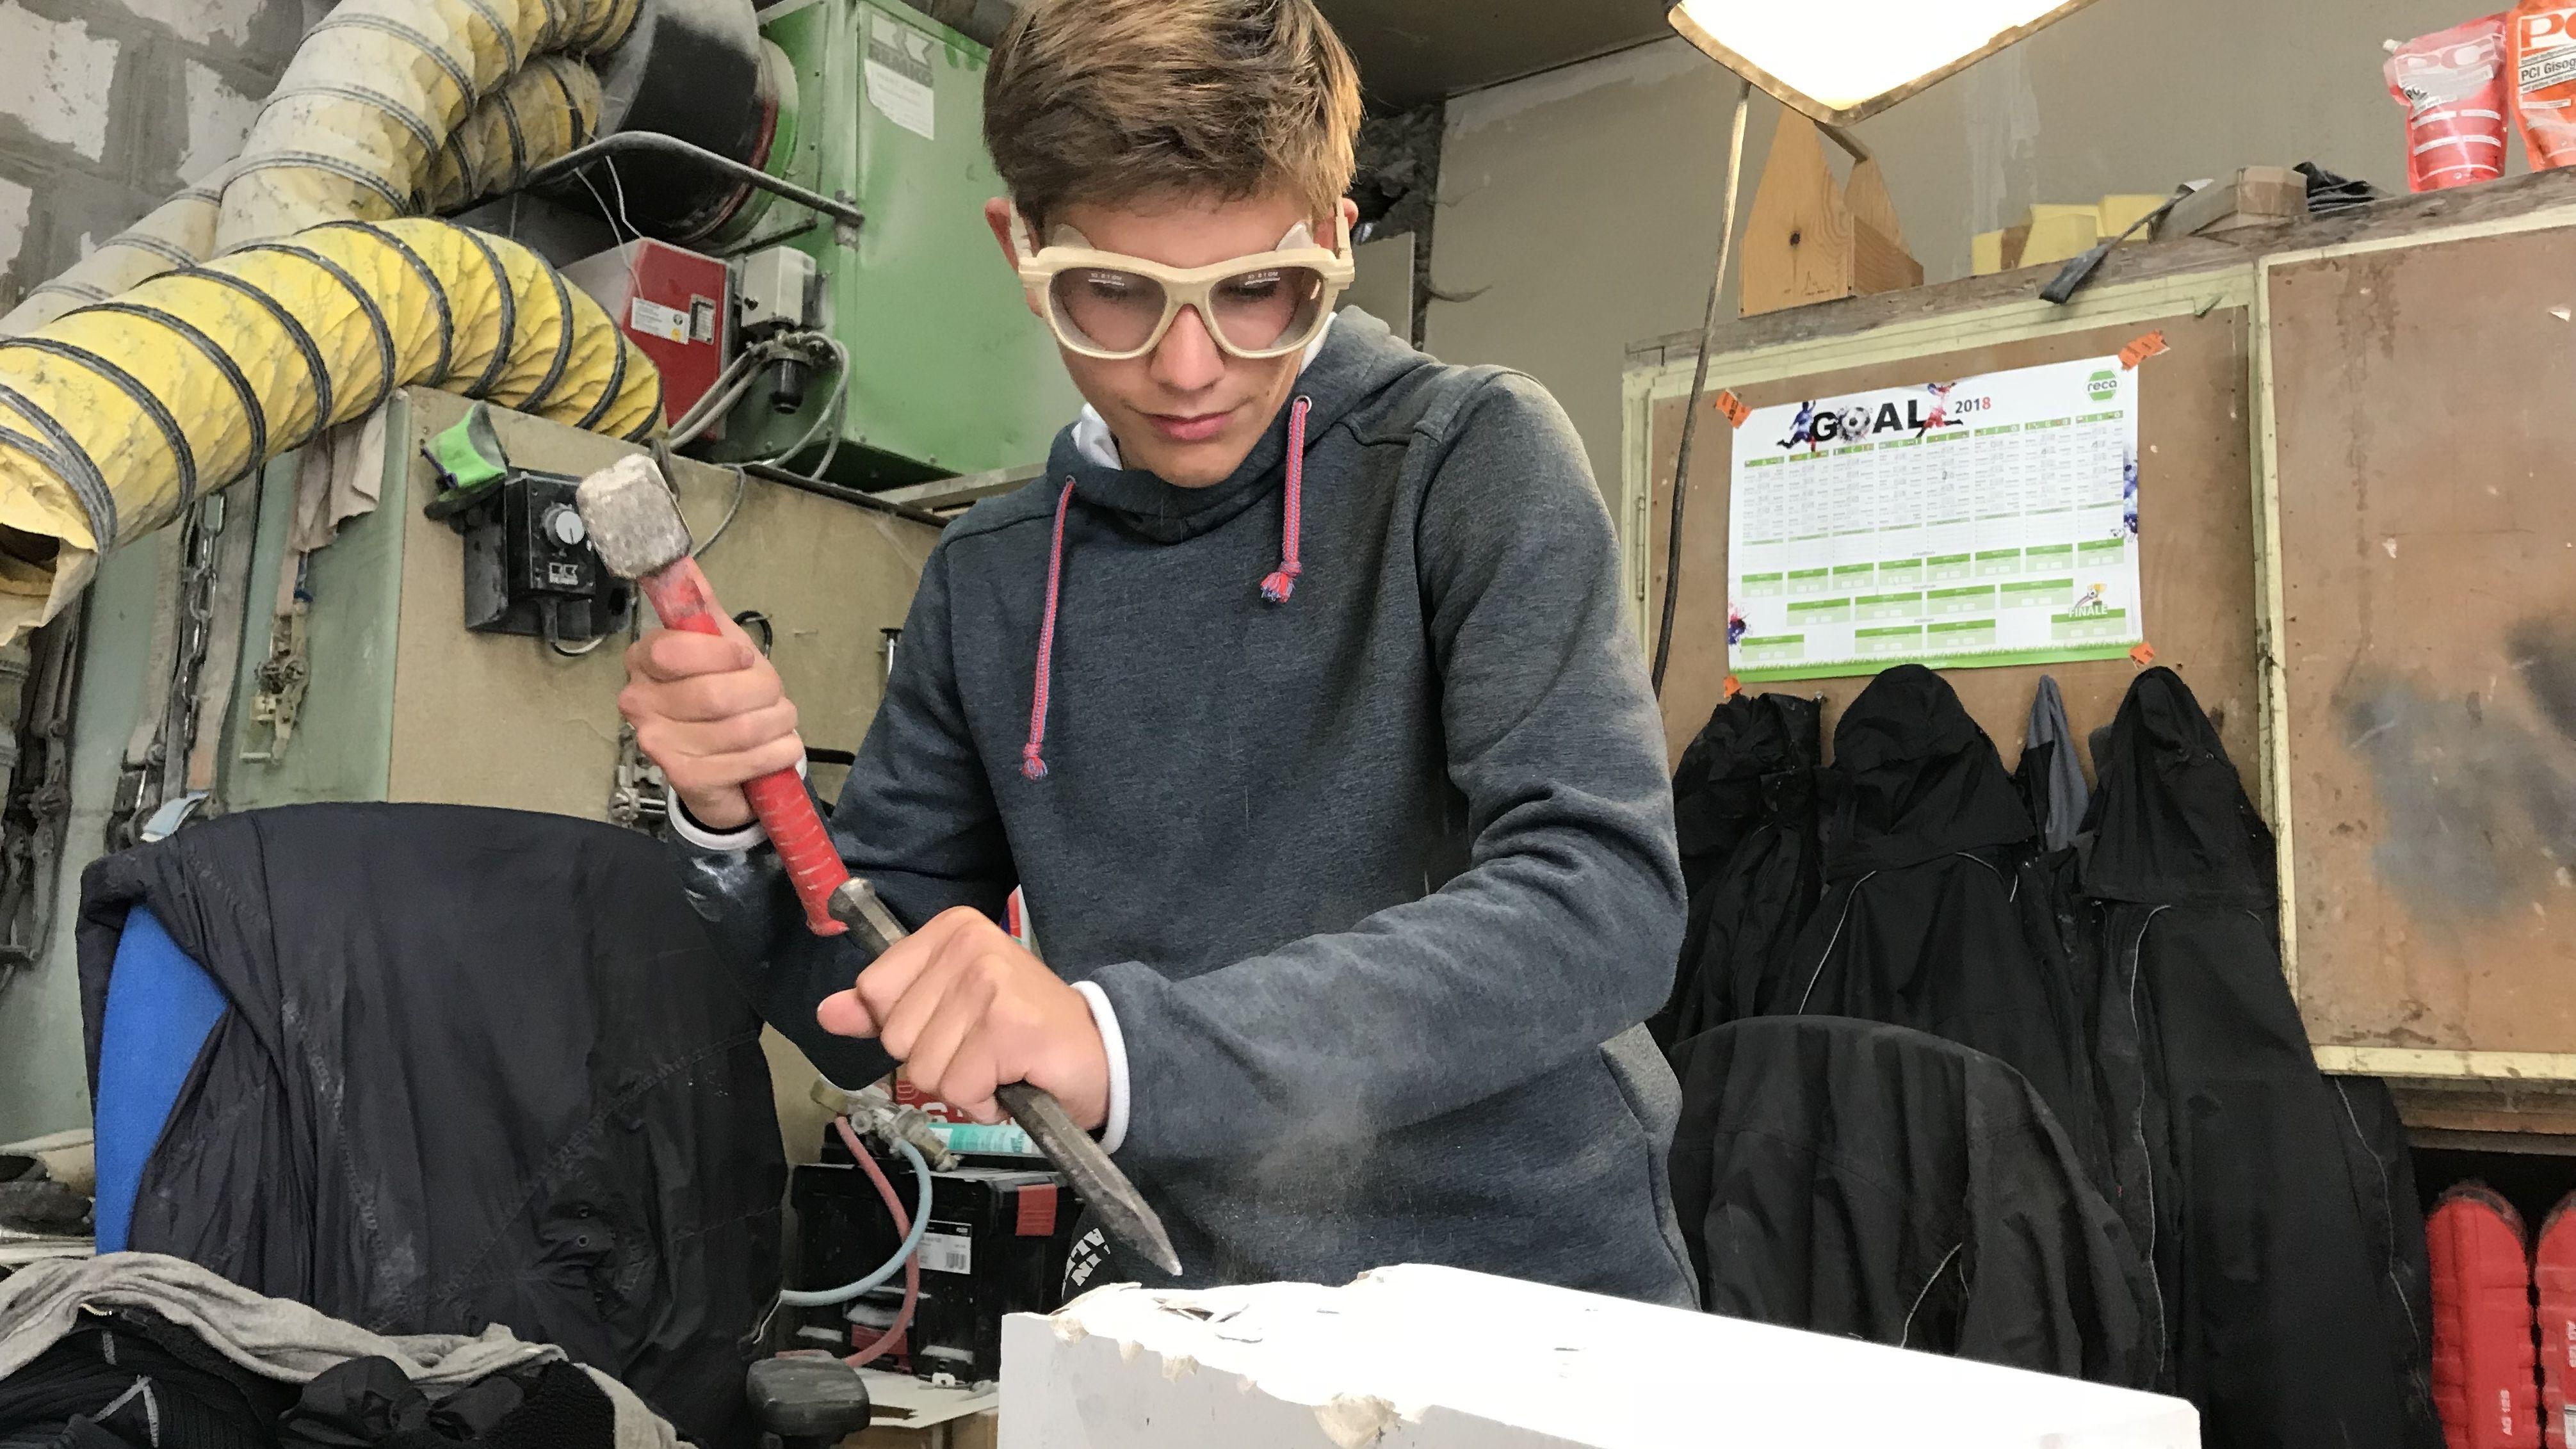 Elias Probst aus Hopferau (Lkr. Ostallgäu) hat zum 01.09.2018 eine Lehre im Steinmetzbetrieb seines Vaters begonnen. Steinmetz sei sein Traumberuf, sagt der 15-jährige. Er ist einer von nur zehn Azubis in ganz Schwaben. Bis zur Berufsschule in München hat der Junge aus dem Ostallgäu gut 120 Kilometer.